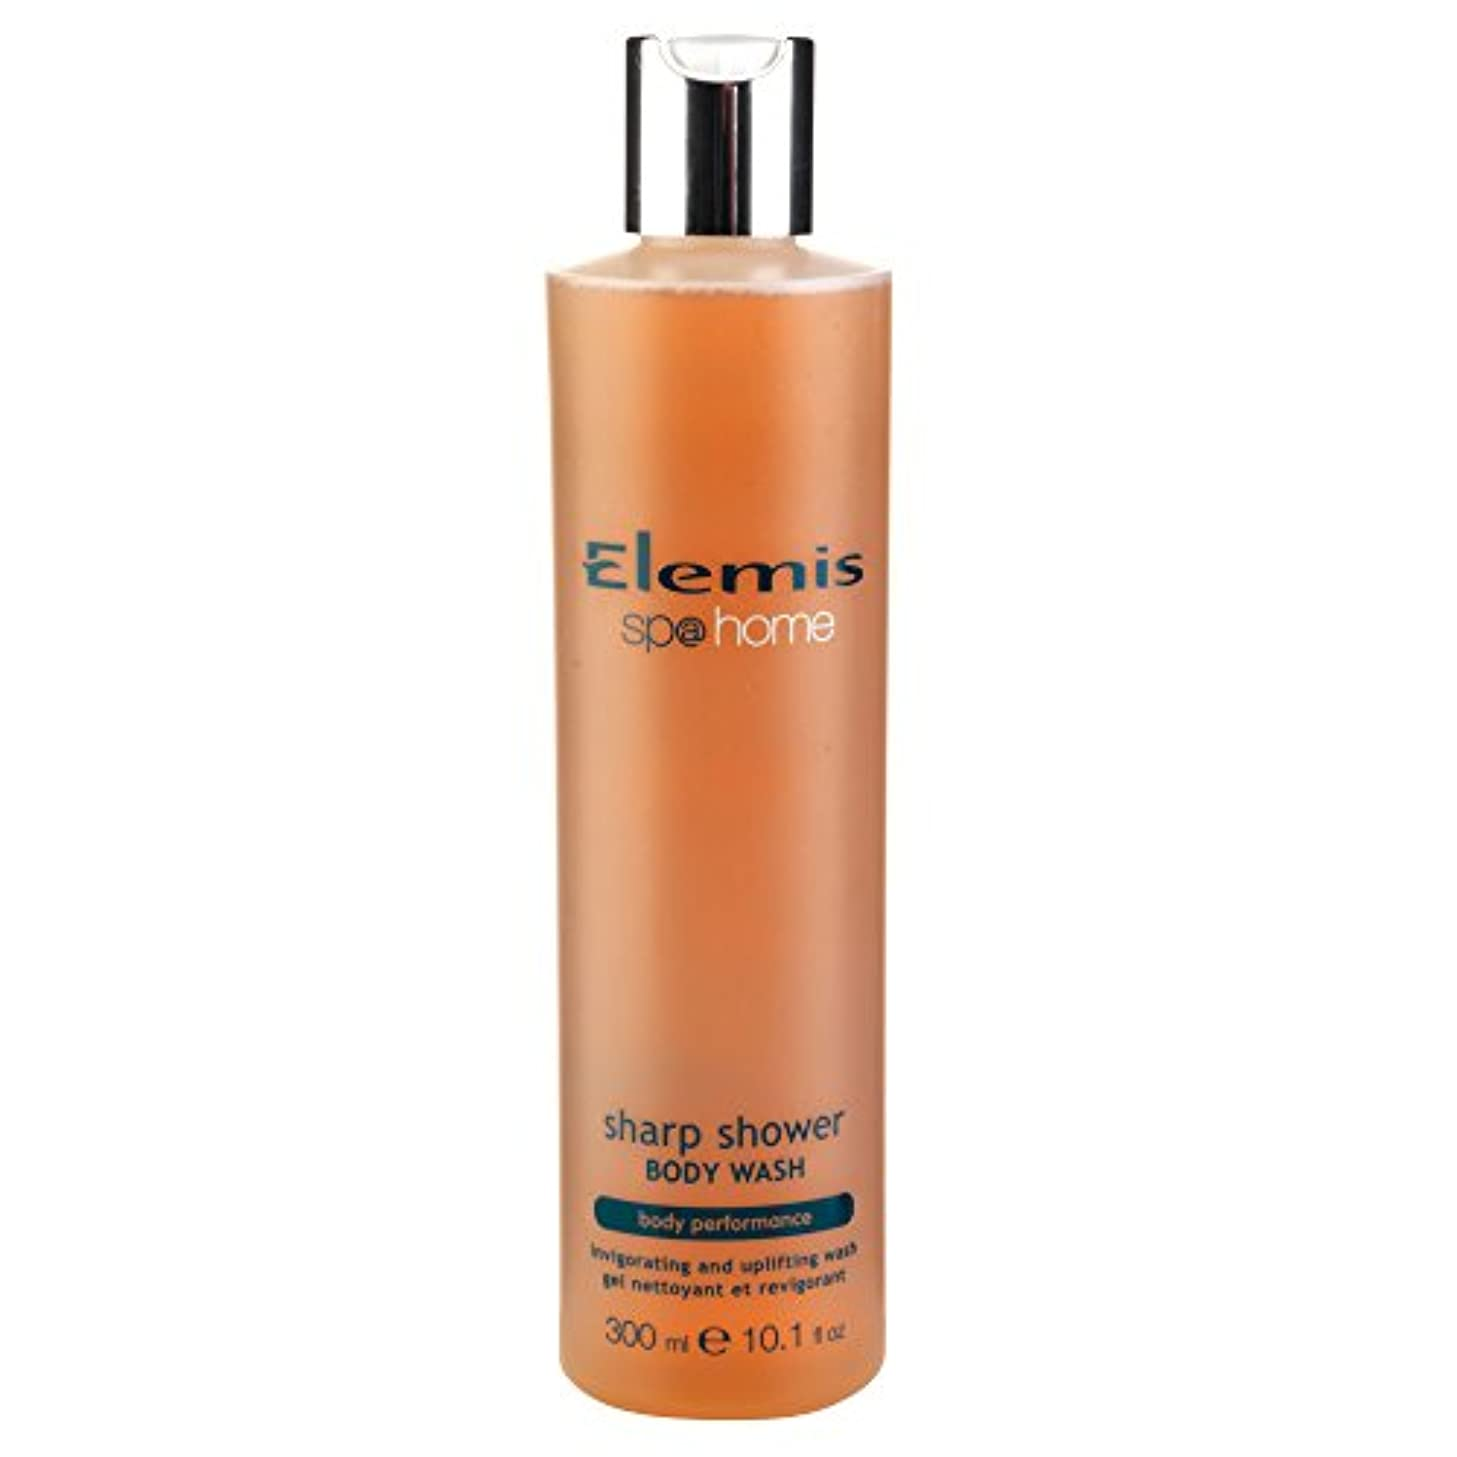 連結する黙まぶしさエレミスシャープシャワーボディウォッシュ300ミリリットル (Elemis) (x2) - Elemis Sharp Shower Body Wash 300ml (Pack of 2) [並行輸入品]